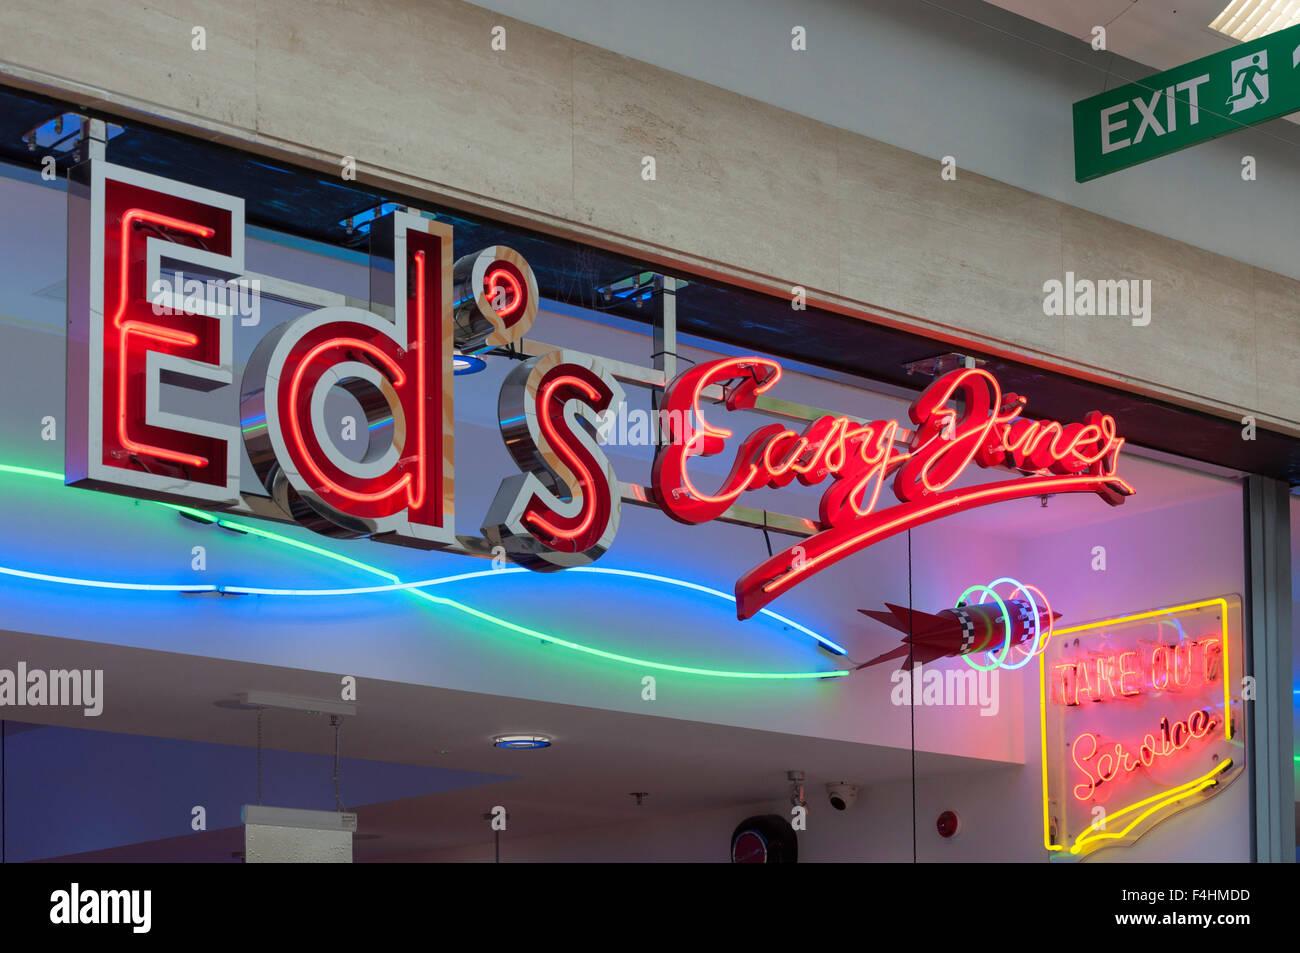 Ed es einfach Diner Neon Sign, The Mall Shopping Centre, Luton, Bedfordshire, England, Vereinigtes Königreich Stockbild